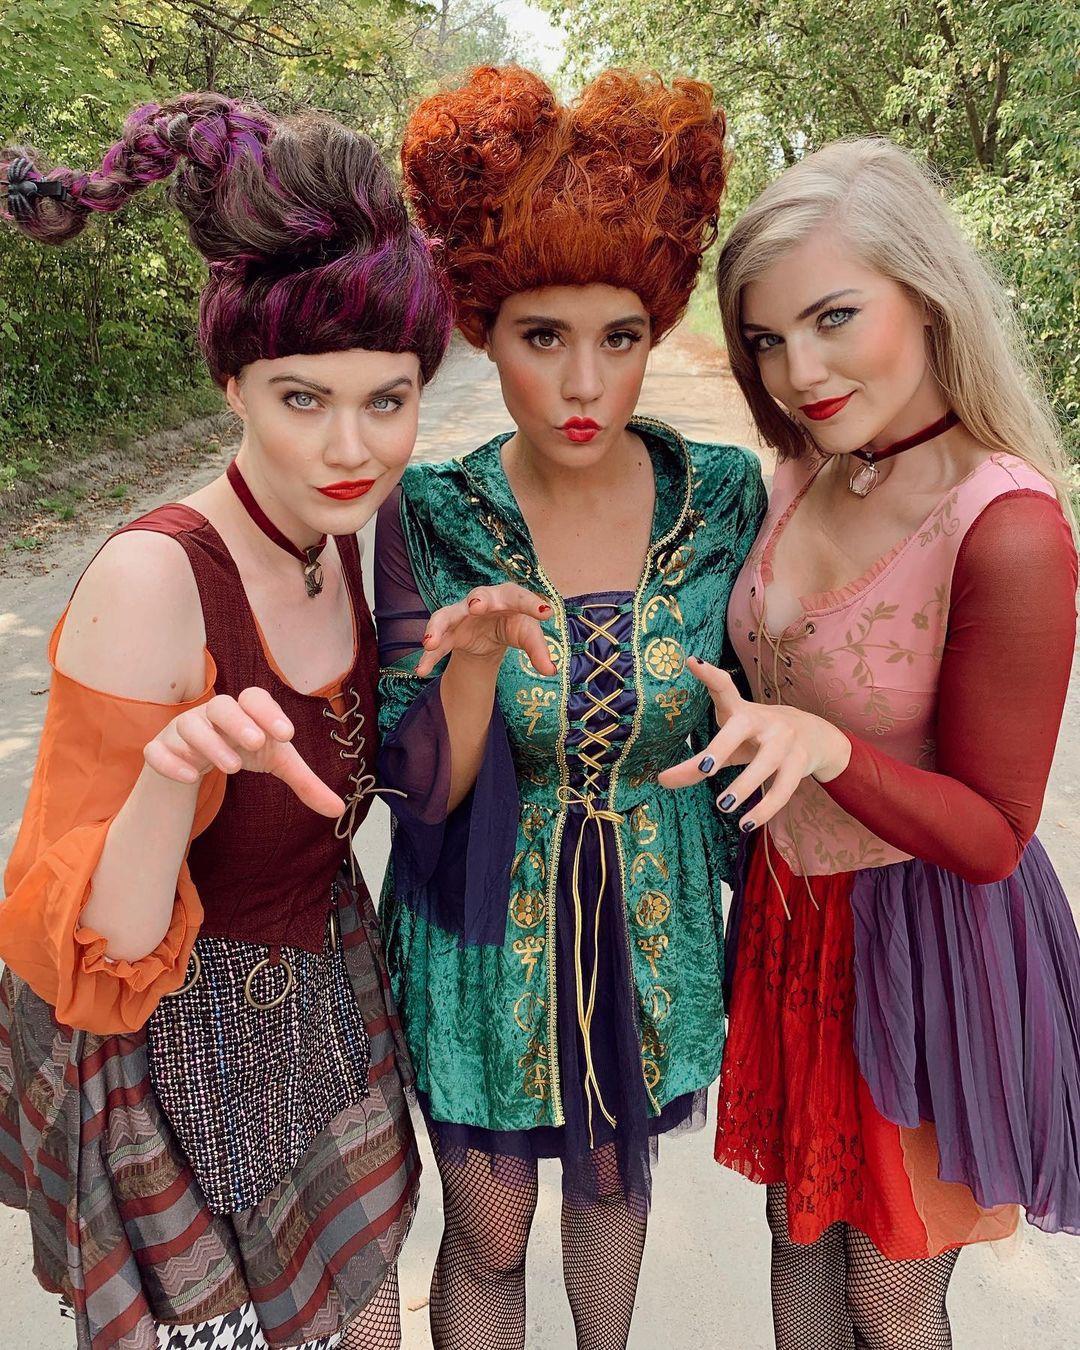 Hocus Pocus for Best Trio Halloween Costumes